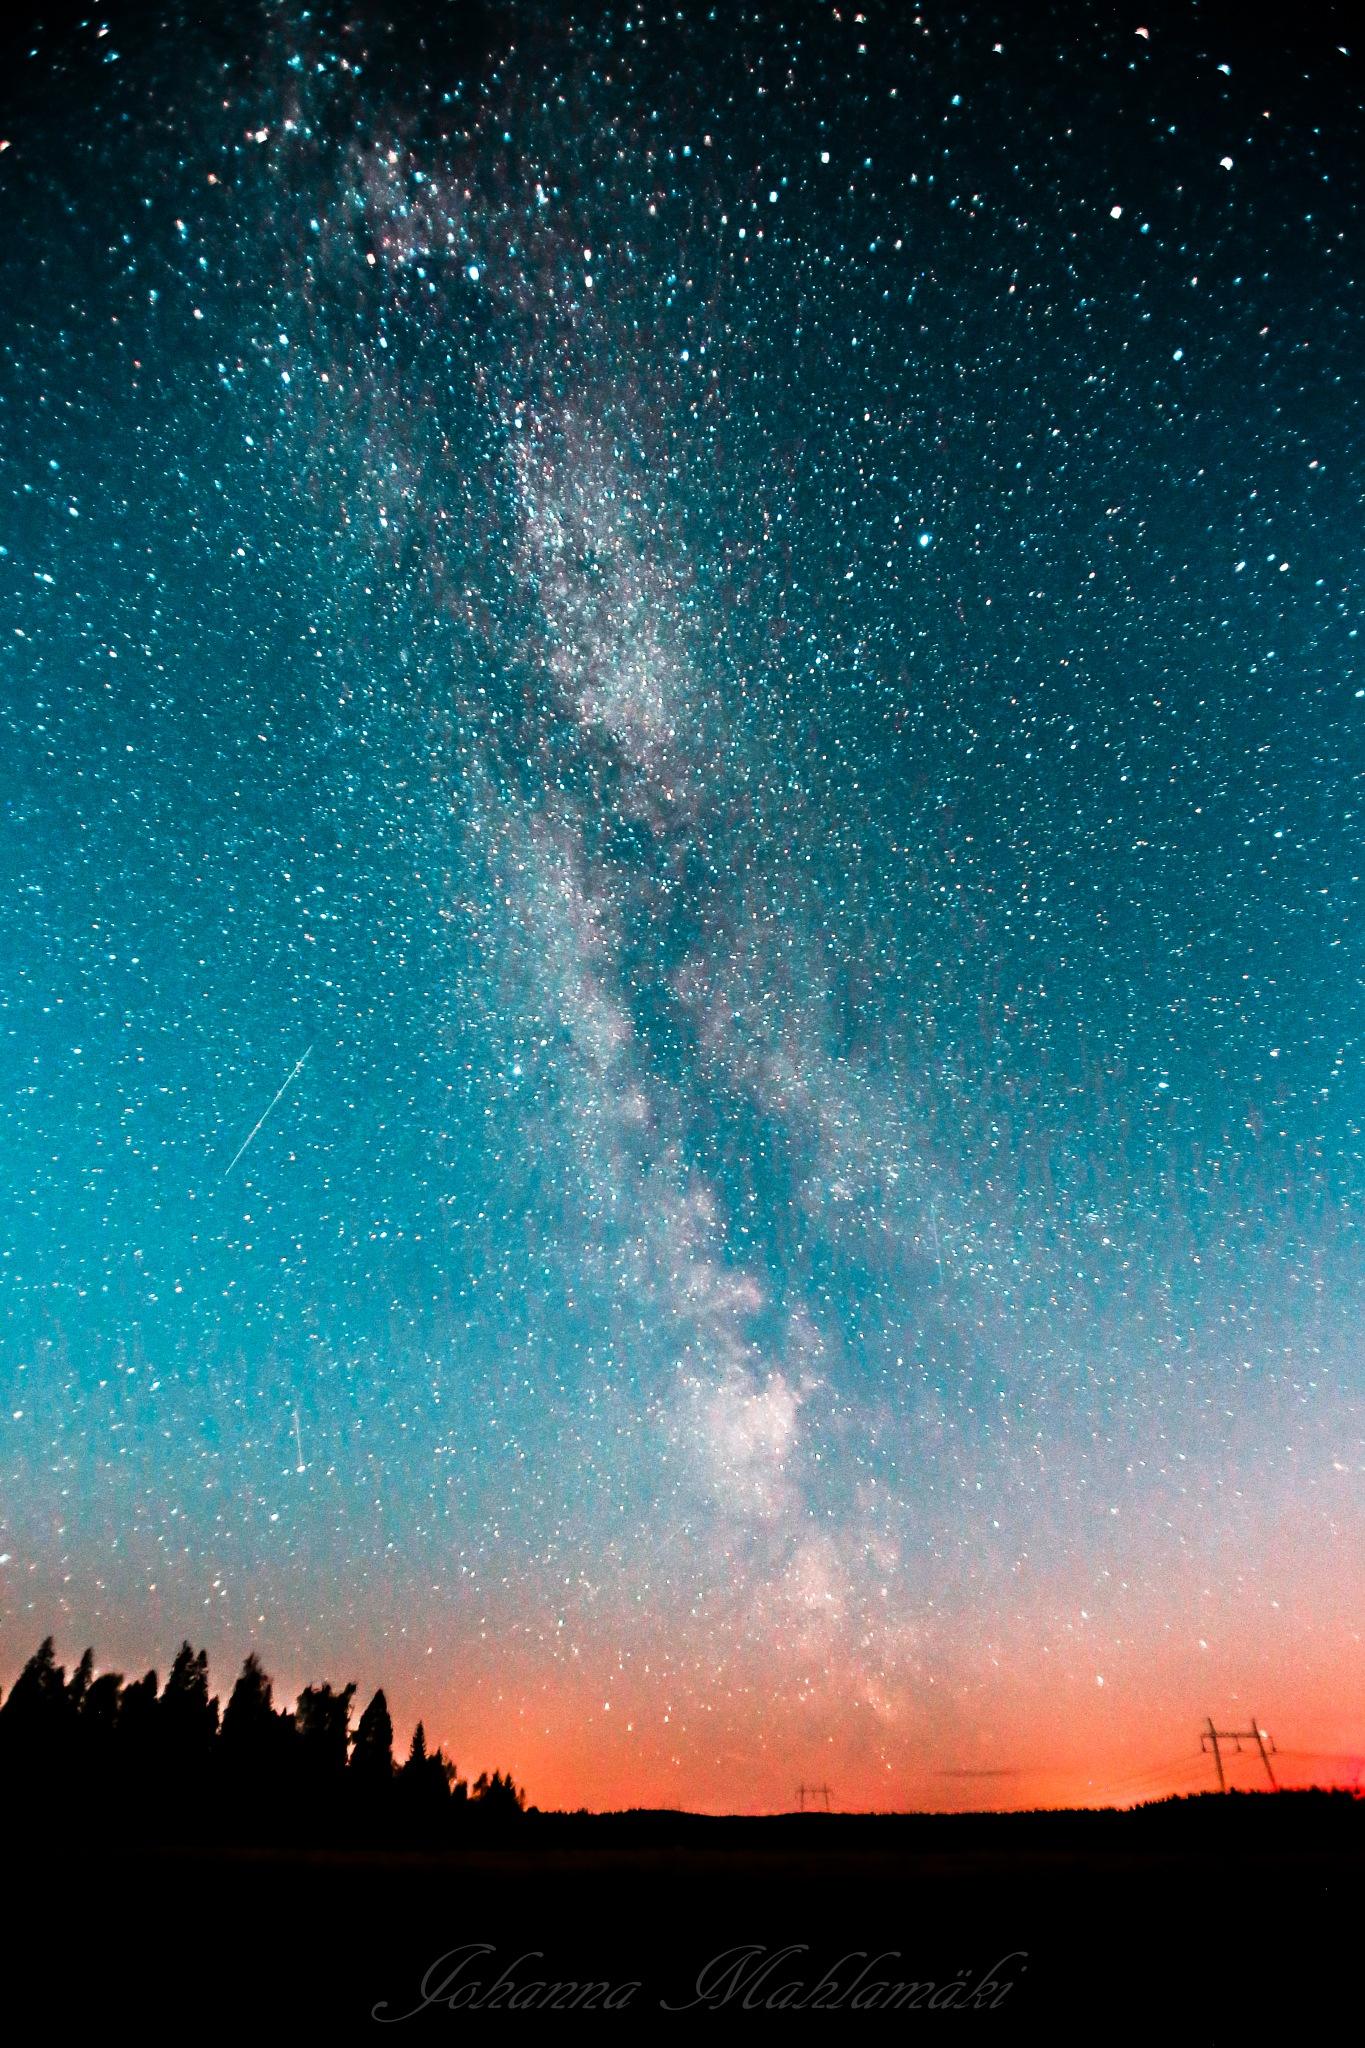 Milky way by Photos by Johanna Mahlamäki